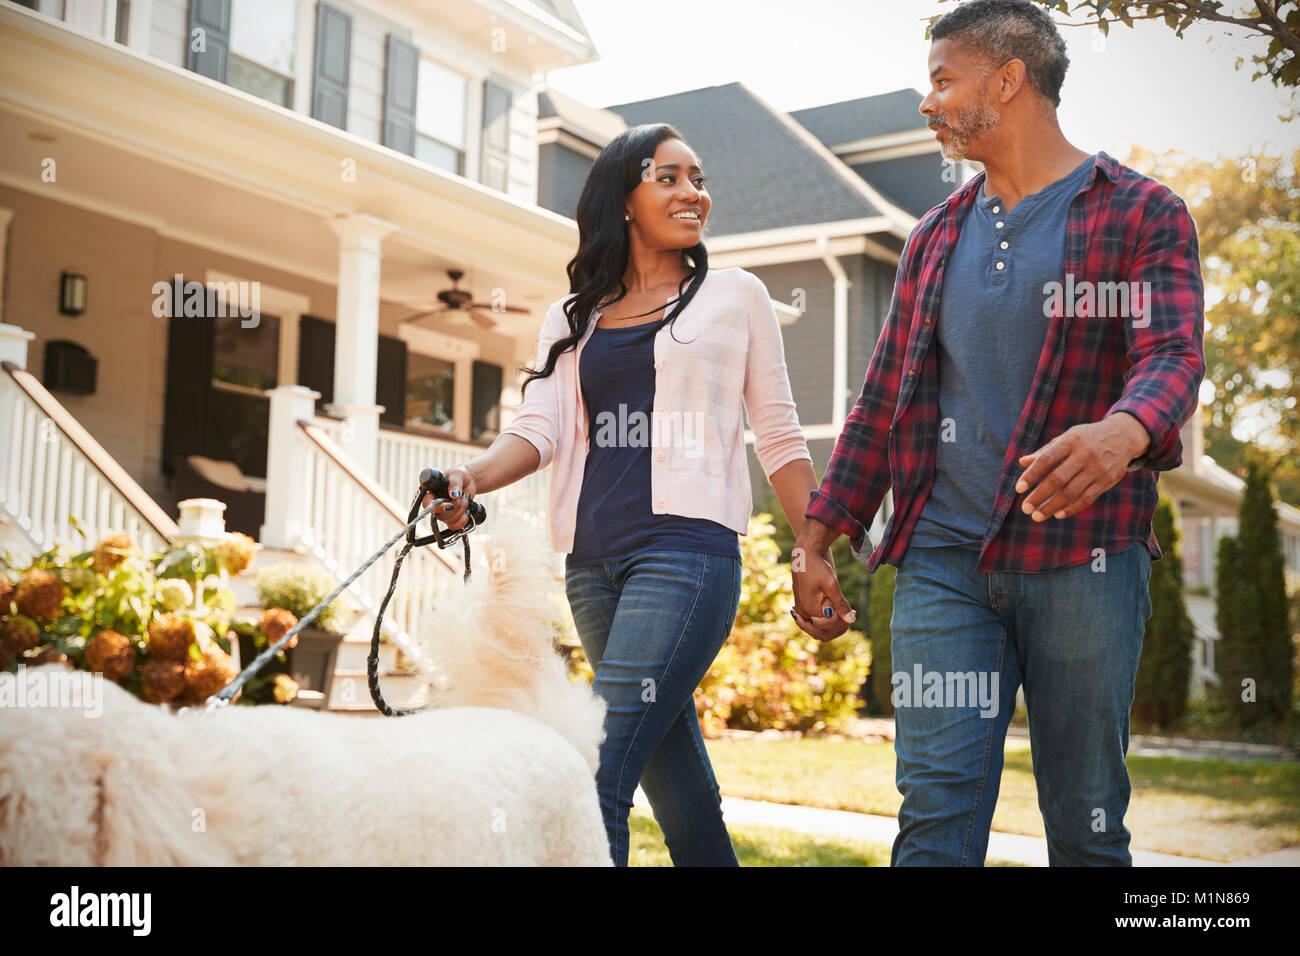 Couple Walking Dog Along Suburban Street - Stock Image